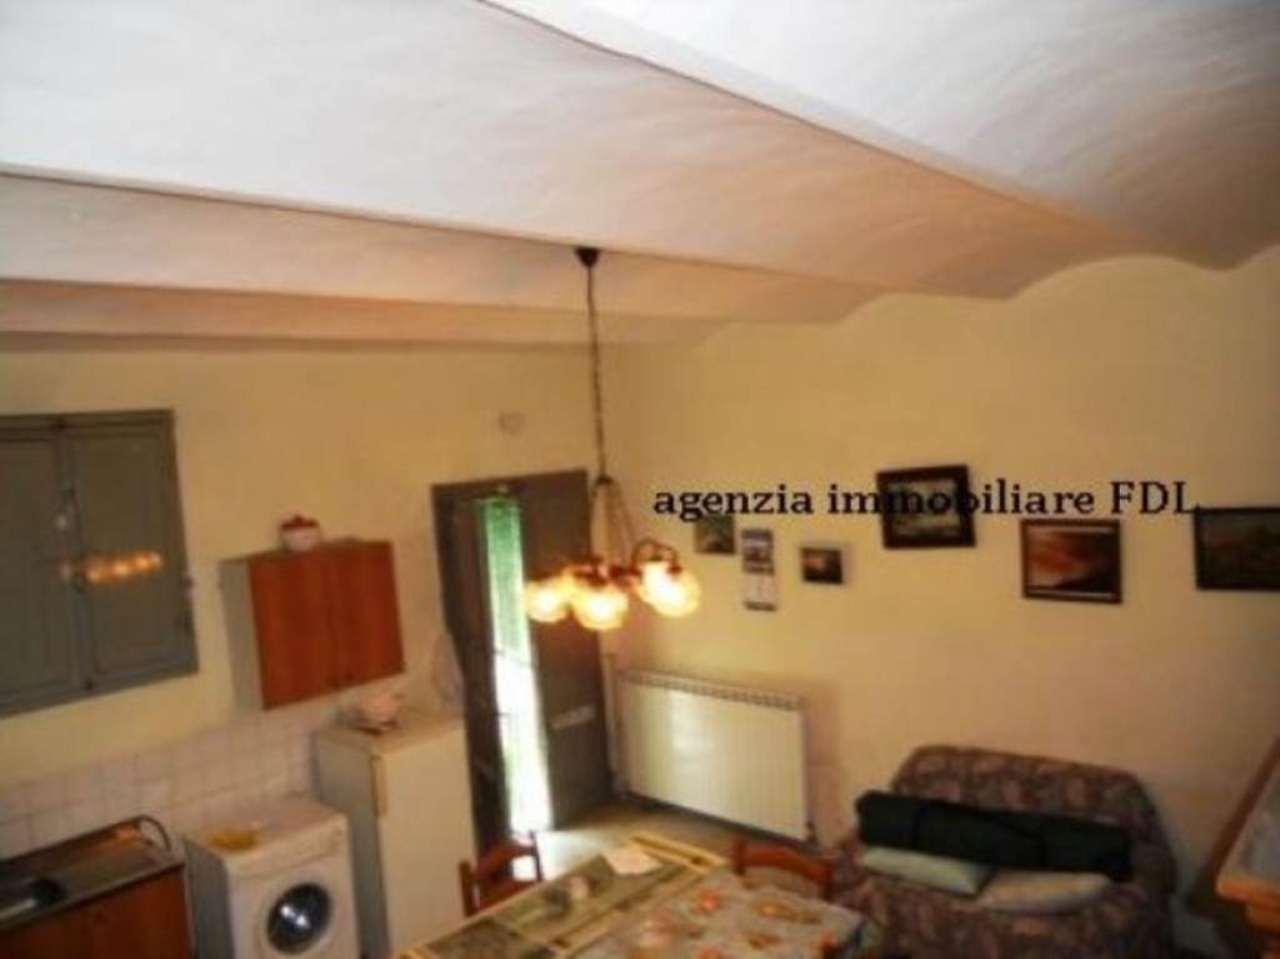 Rustico / Casale in vendita a Santa Croce sull'Arno, 6 locali, prezzo € 260.000 | Cambio Casa.it